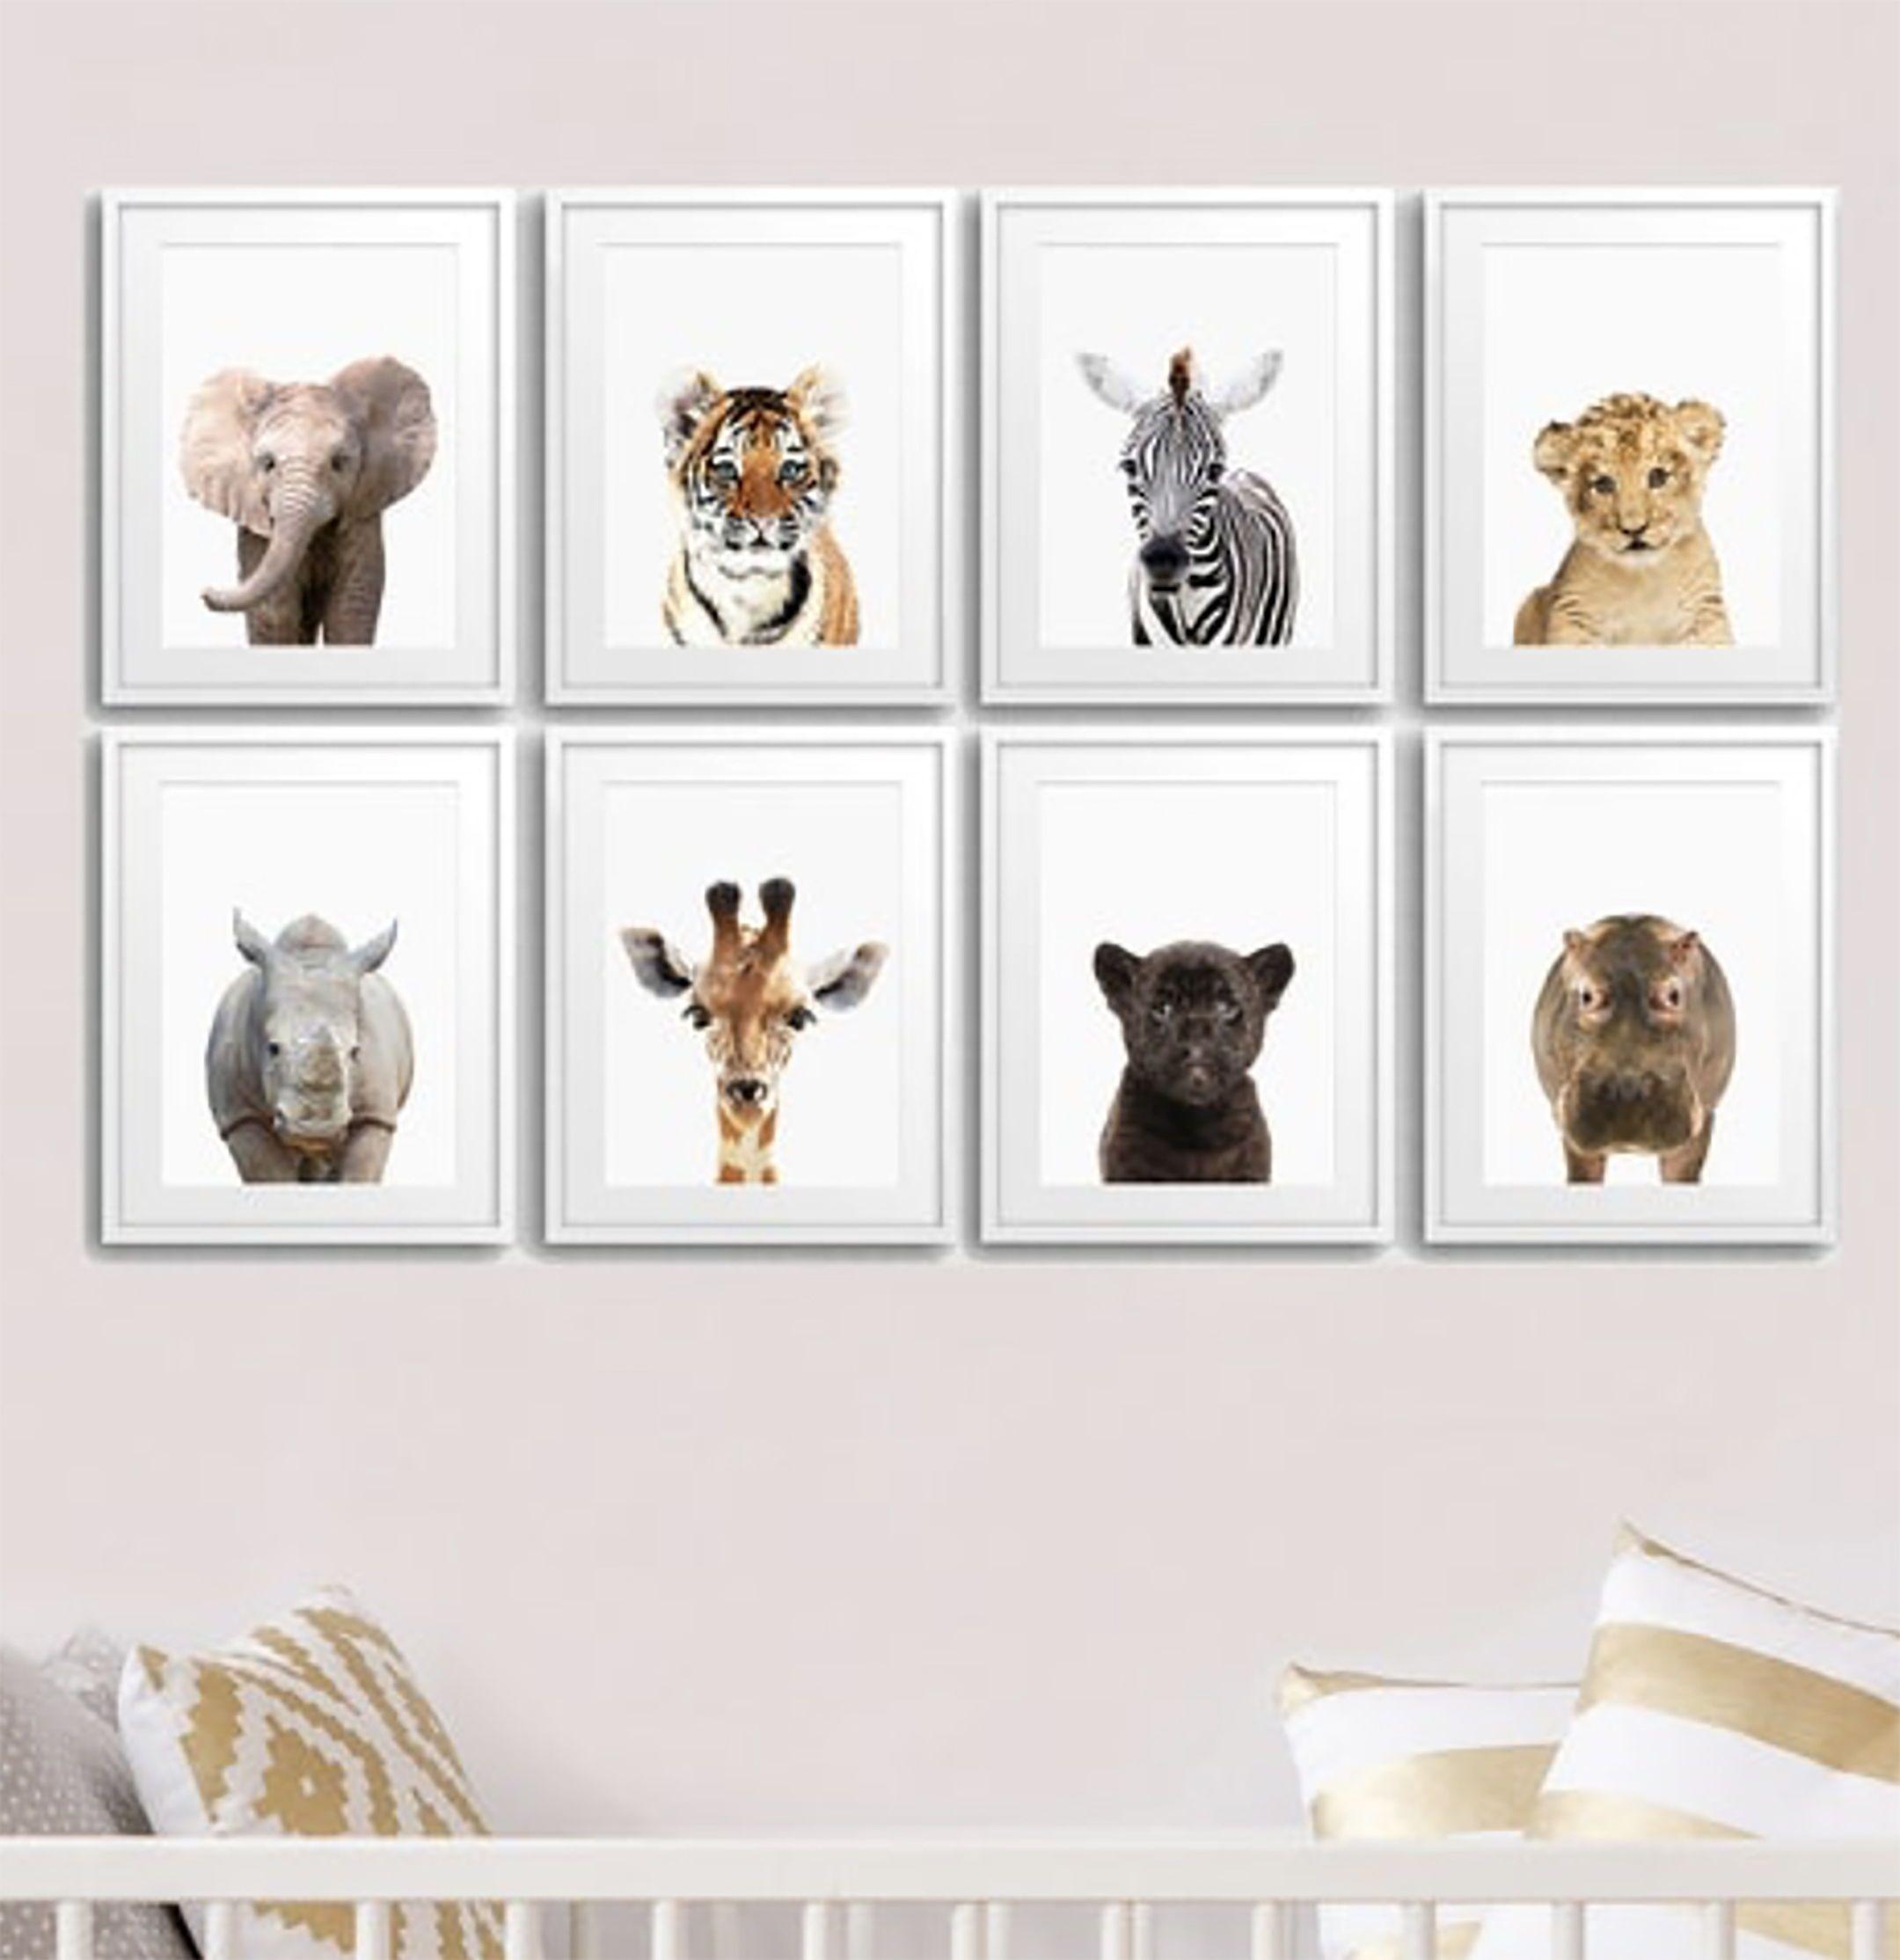 8 Set Of Safari Animal Prints Eight Piece Nursery Animal Wall Art Baby Animal Posters For Nursery Printable Kids Room Prints 057 Animal Wall Art Nursery Kids Room Prints Baby Wall Art